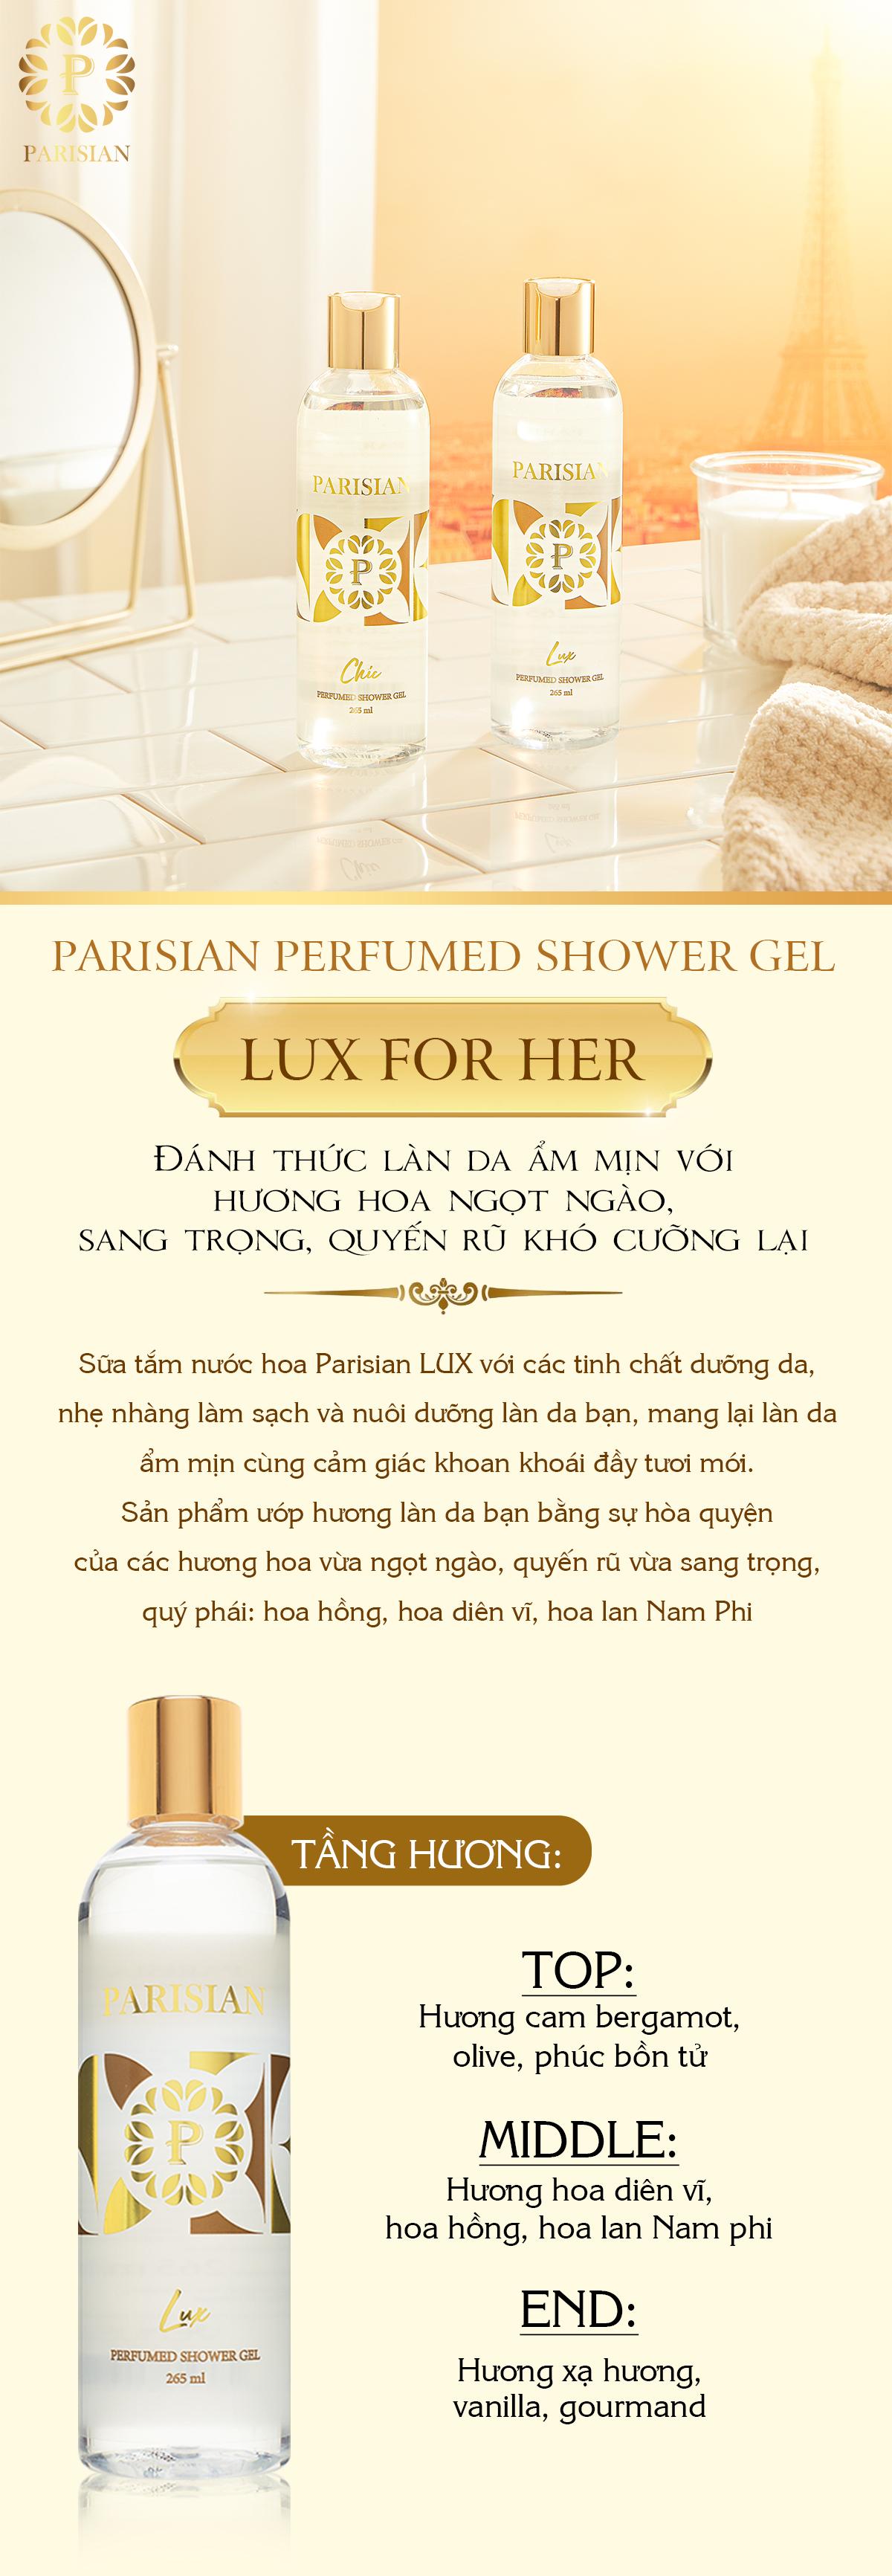 Sữa Tắm Nước Hoa Parisian - Lux for Her (265ml)